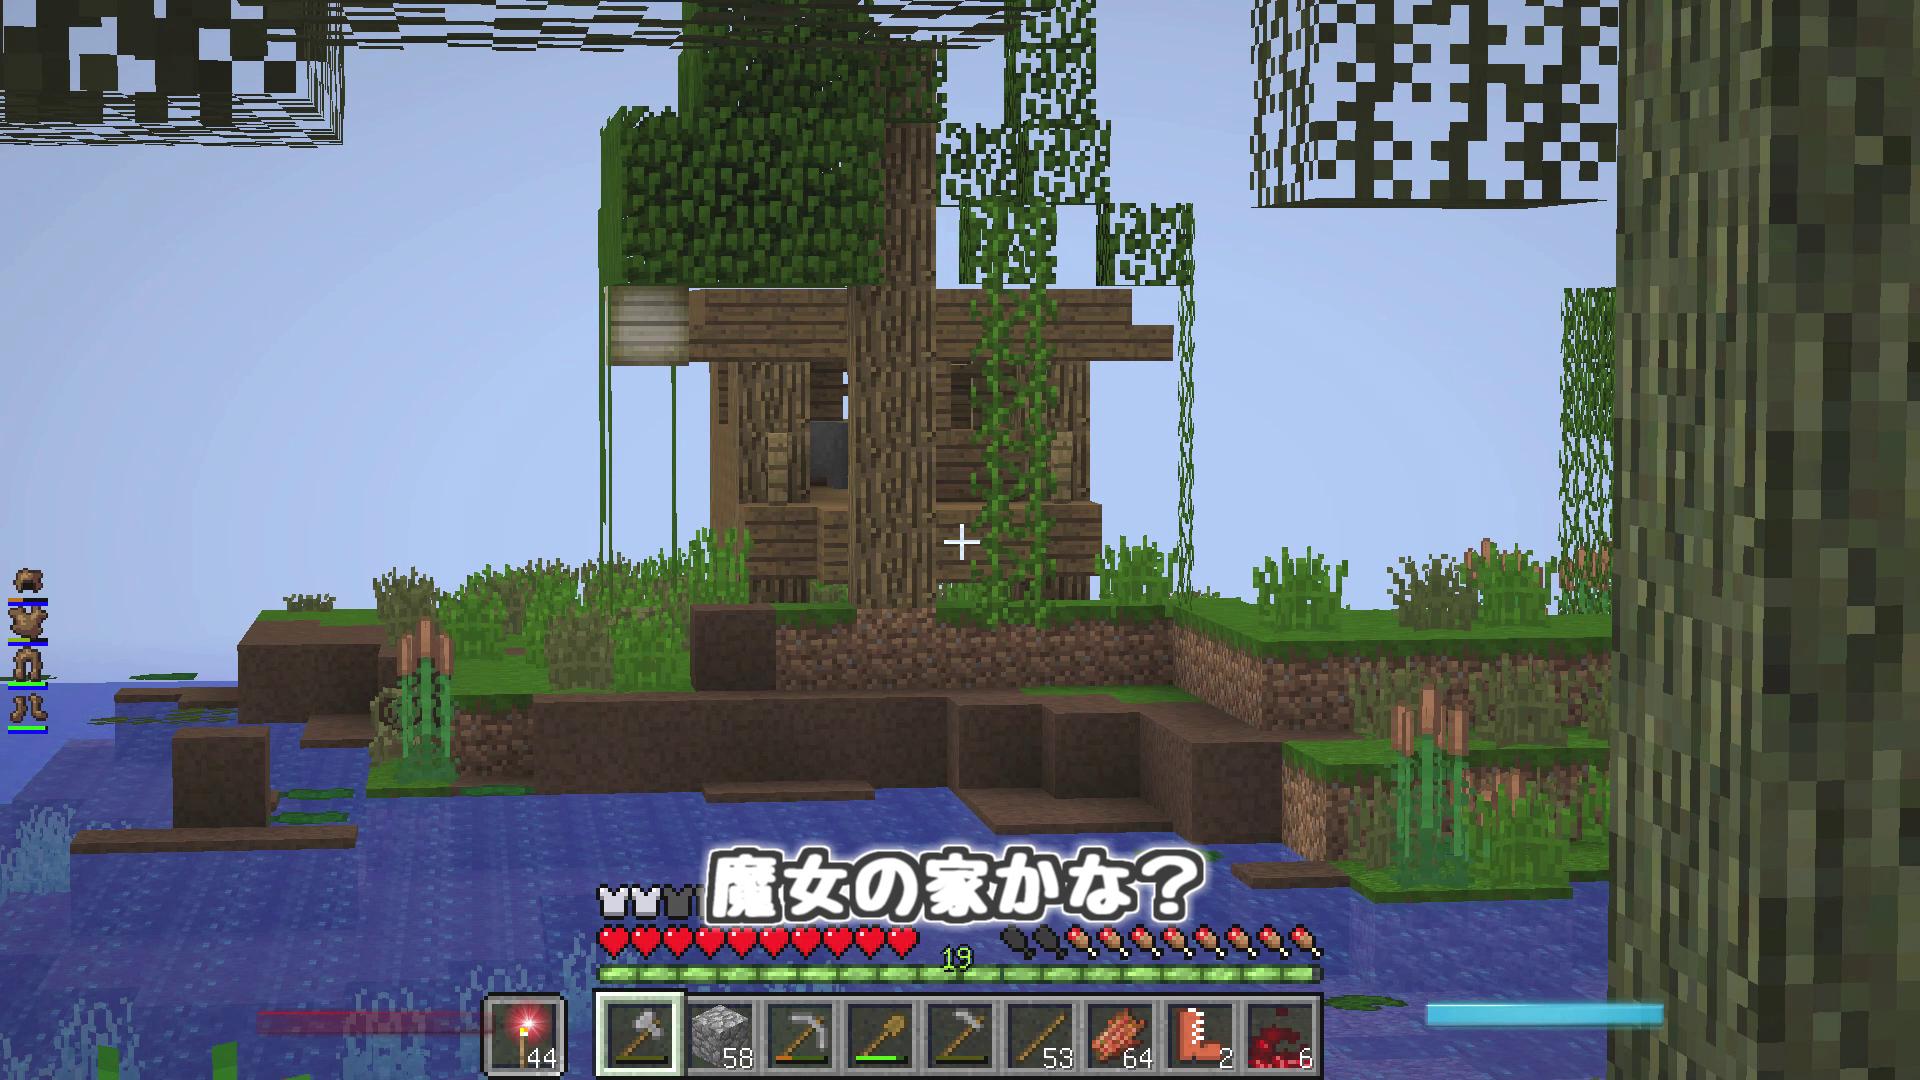 近くに建っていた魔女の家(?)